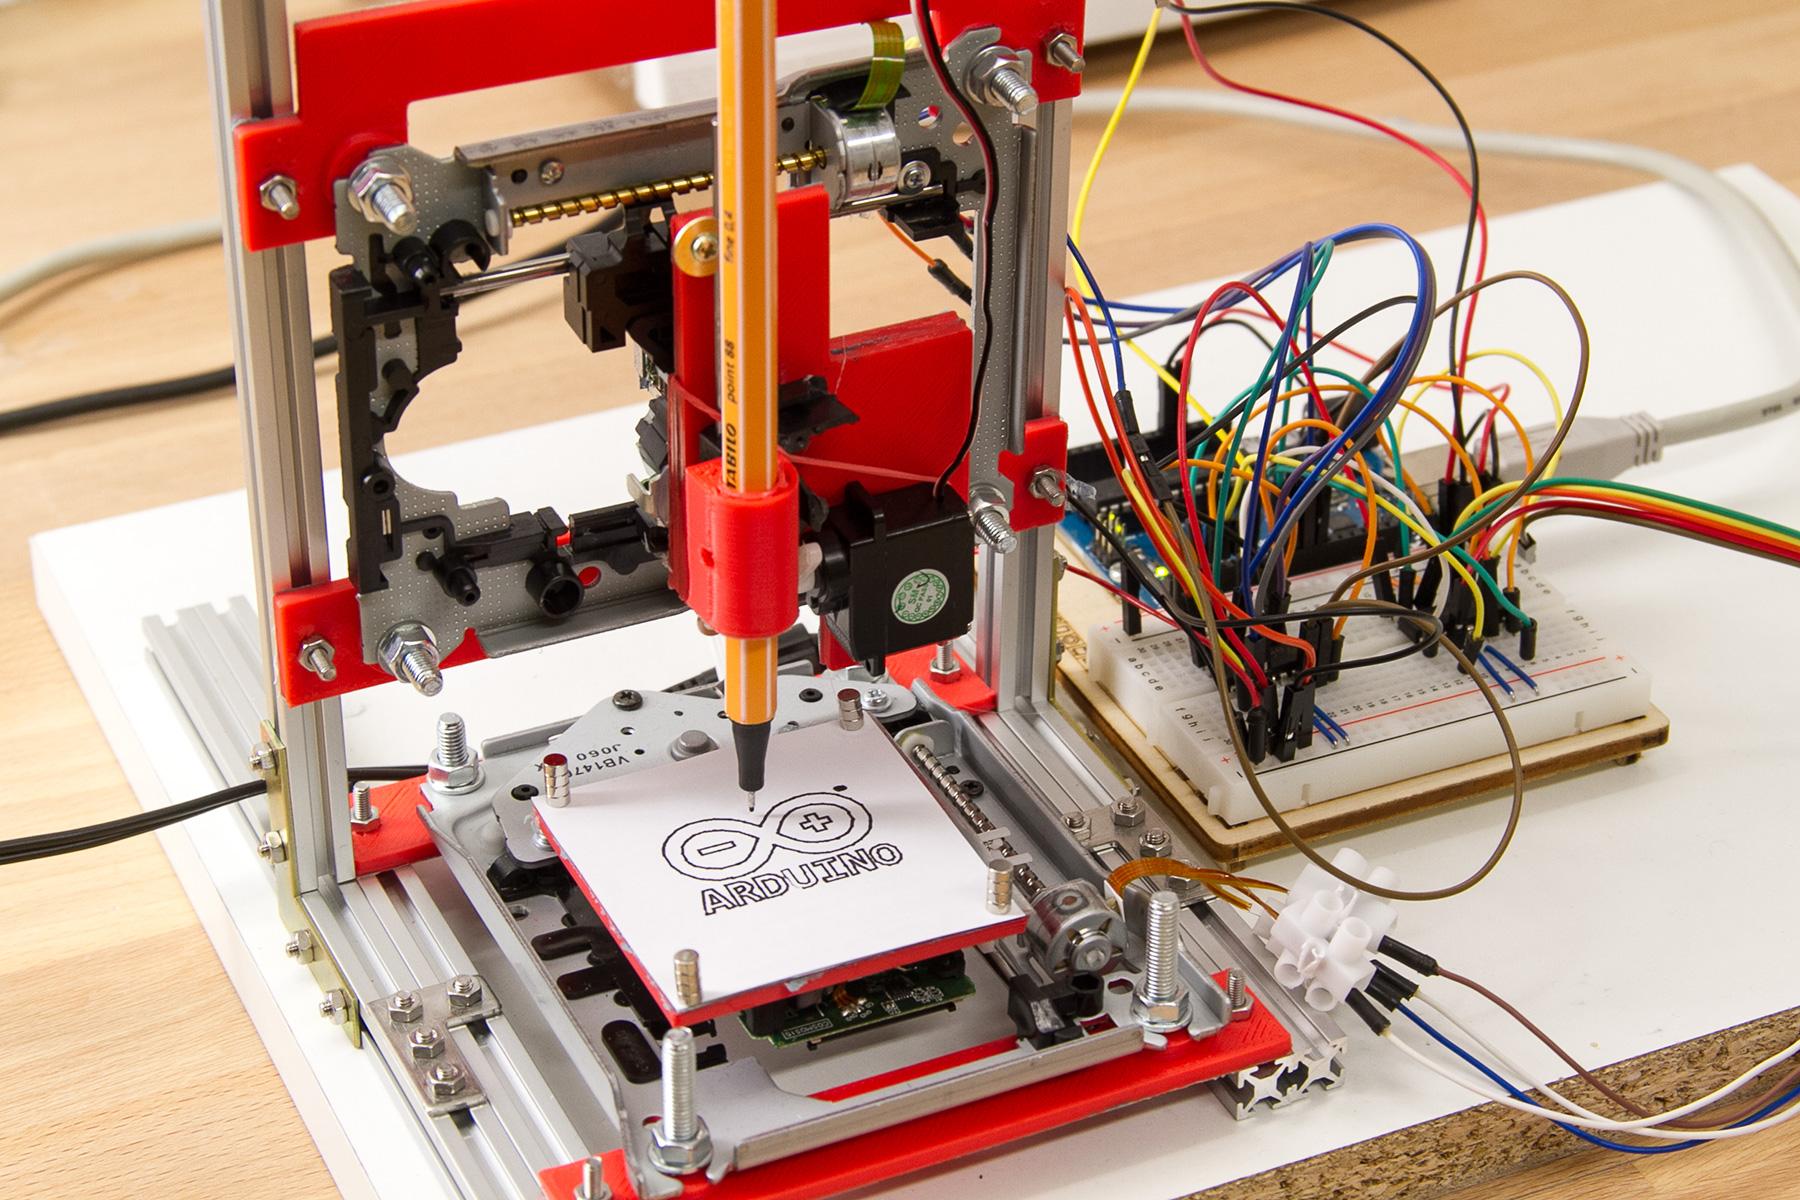 Projekt: Mini CNC Plotter aus alten CD/DVD-Laufwerken